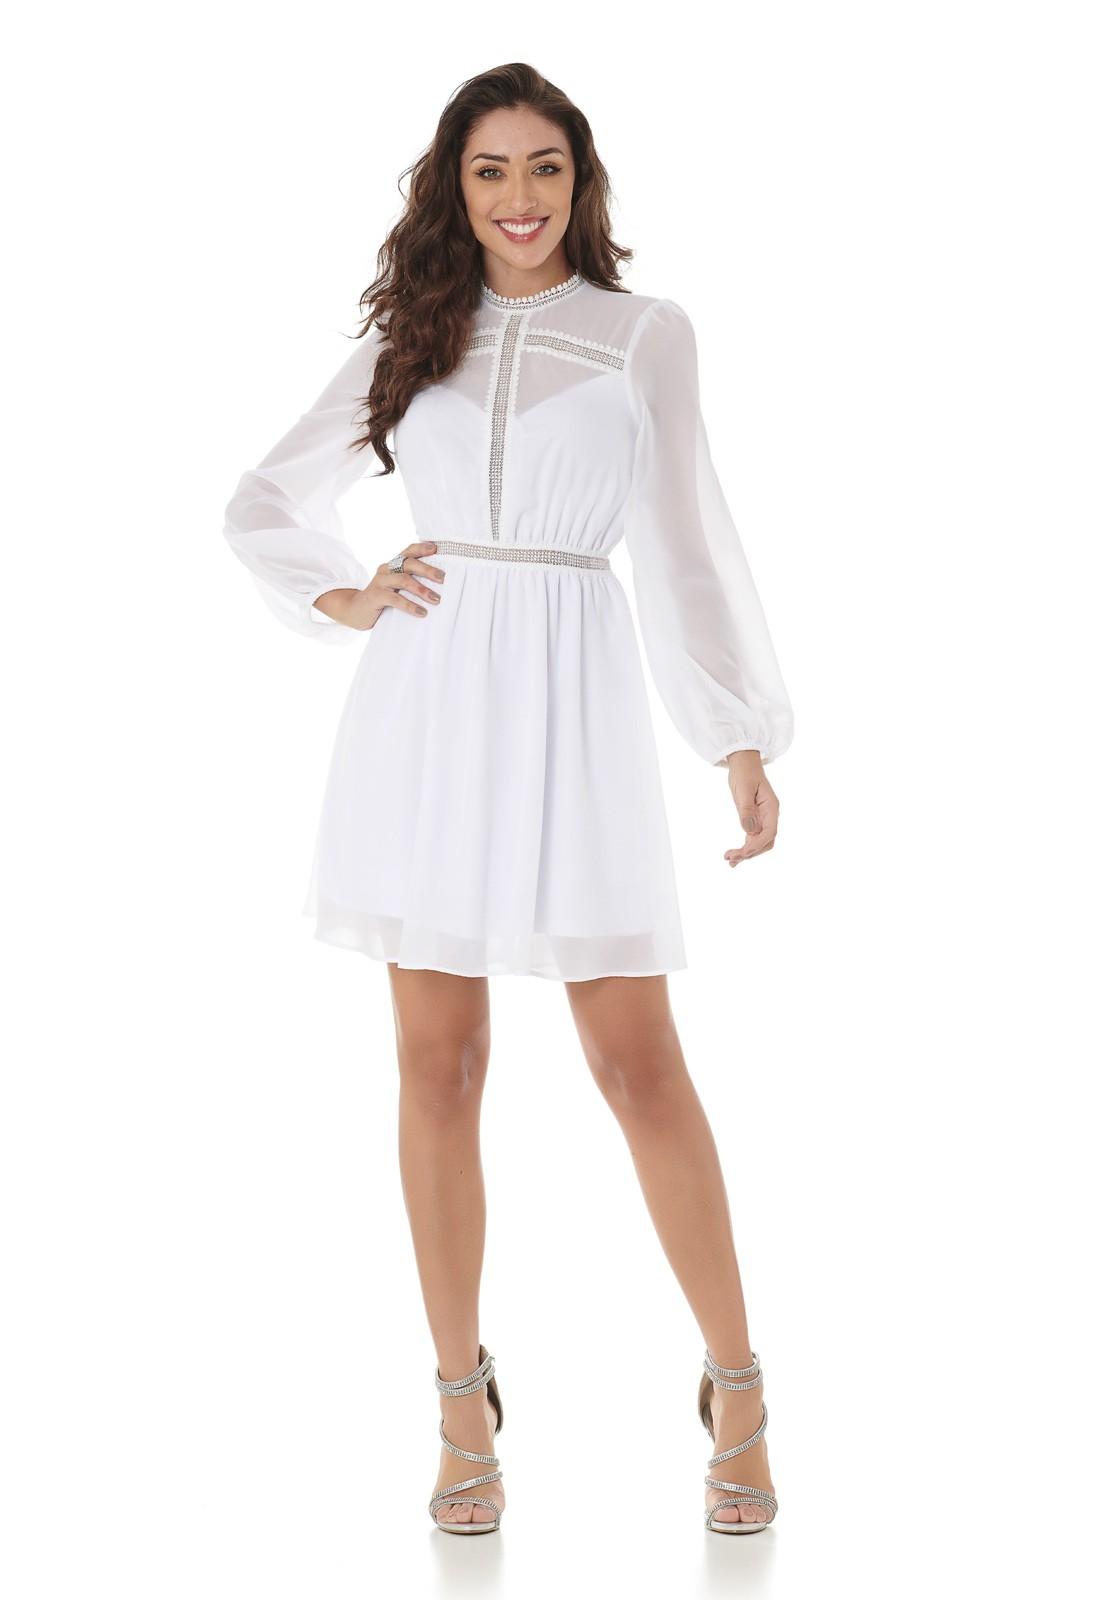 Vestido Curto Com Detalhes Guipir Branco Lala Dubi